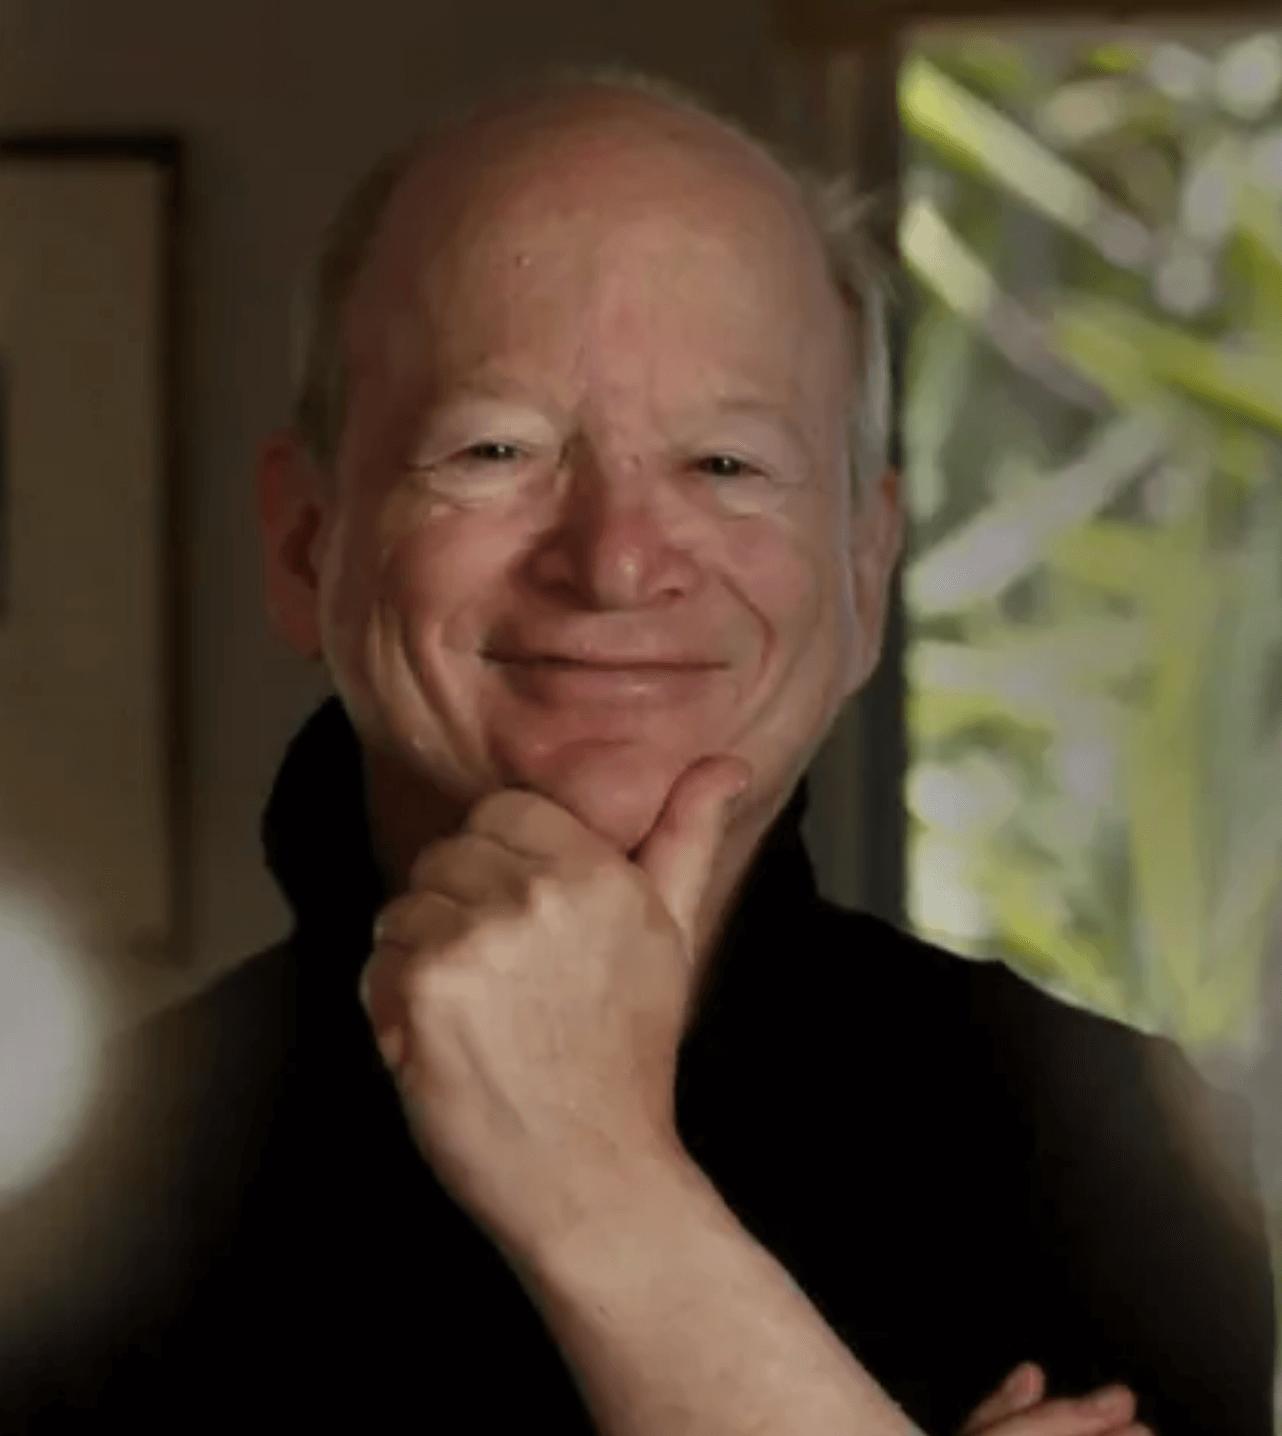 Bob Lefsetz smiling indoors.